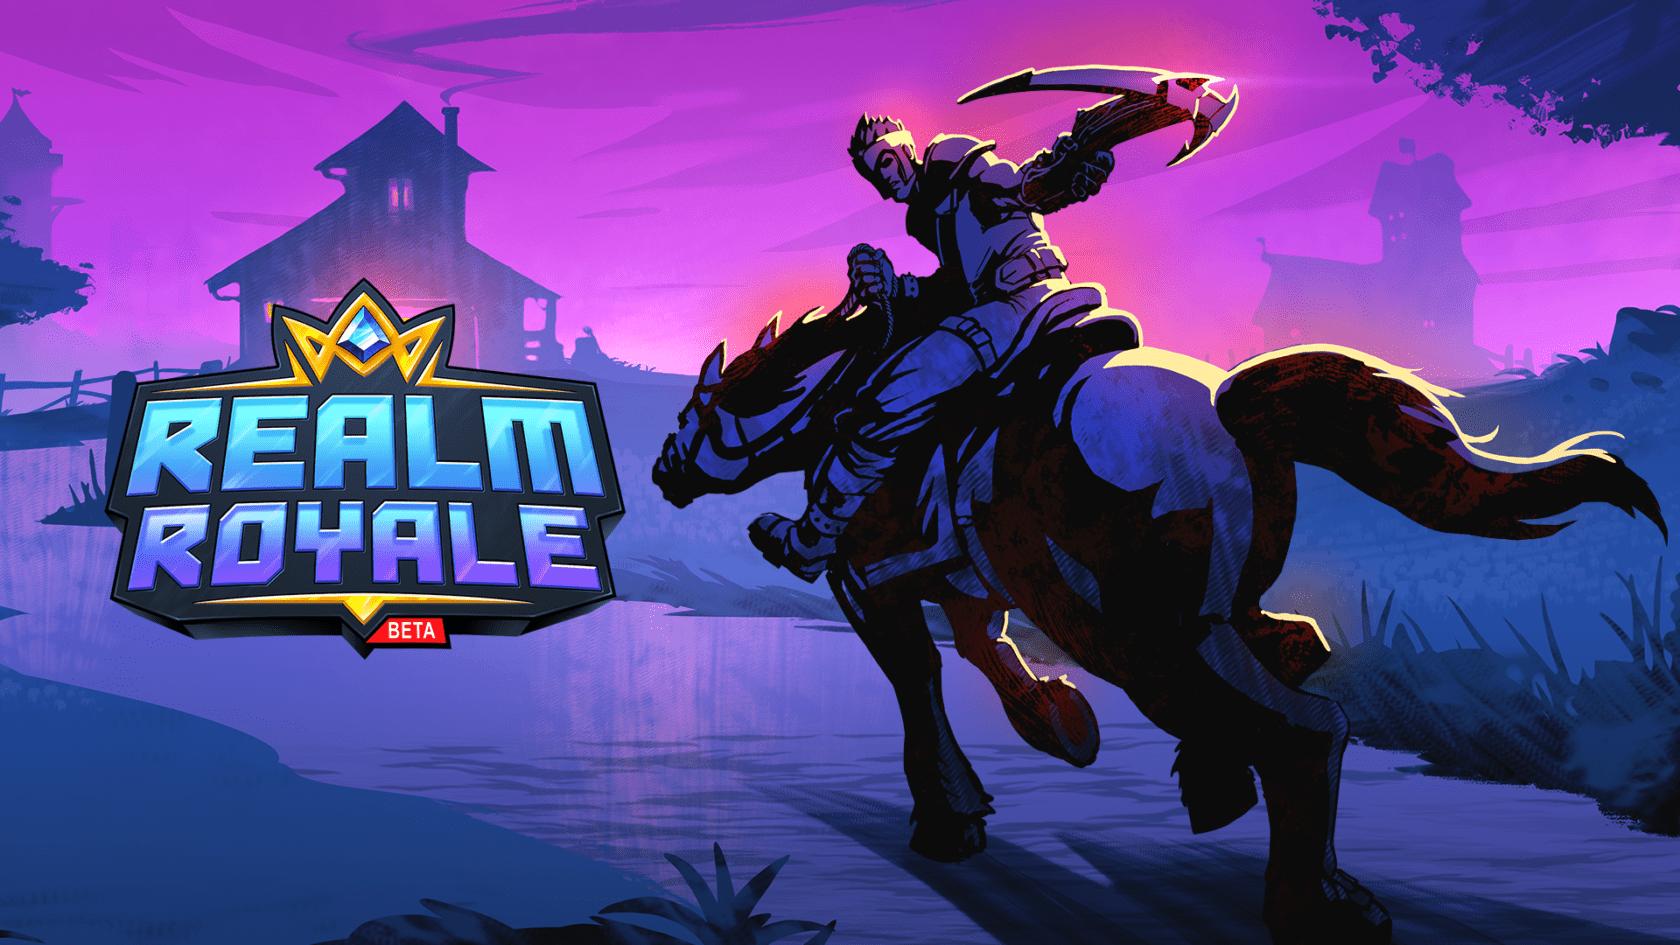 Realm Royale verliert nach Steam-Höhenflug nun massiv Spieler